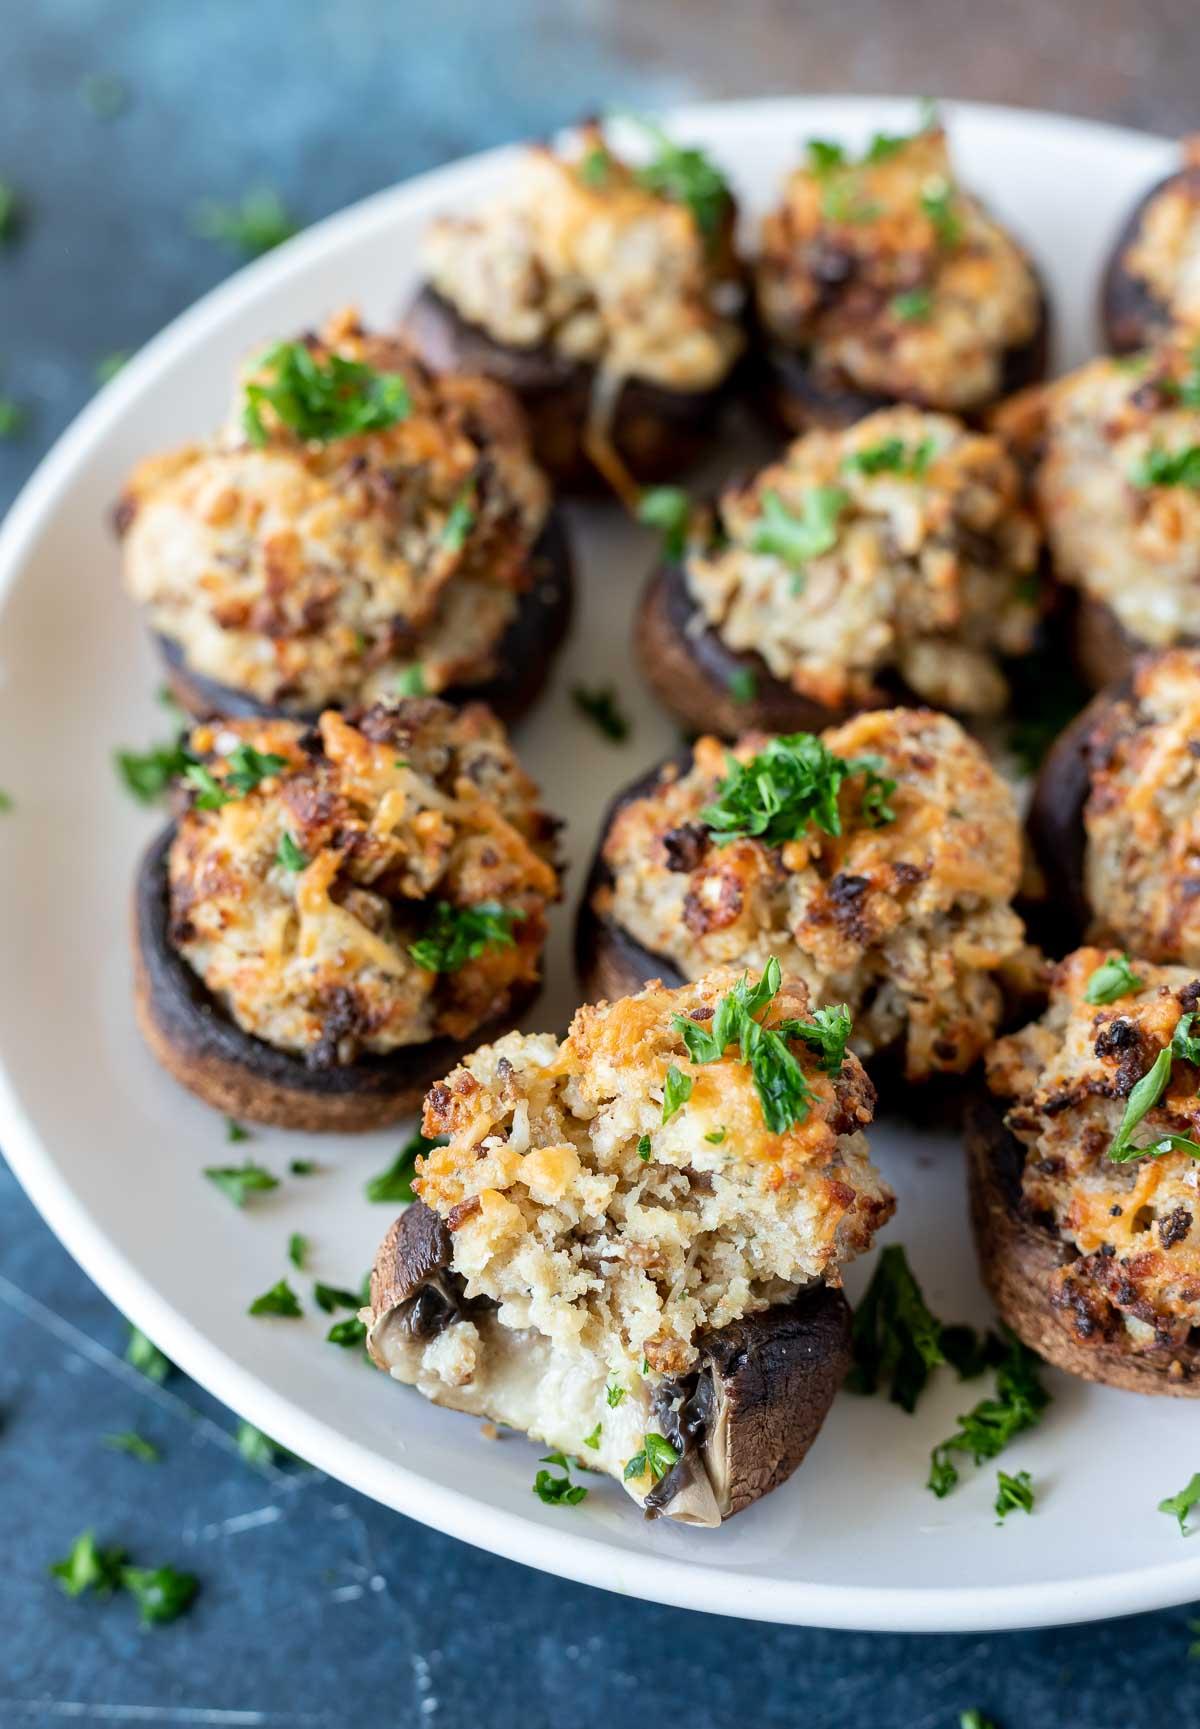 stuffed mushrooms on white plate